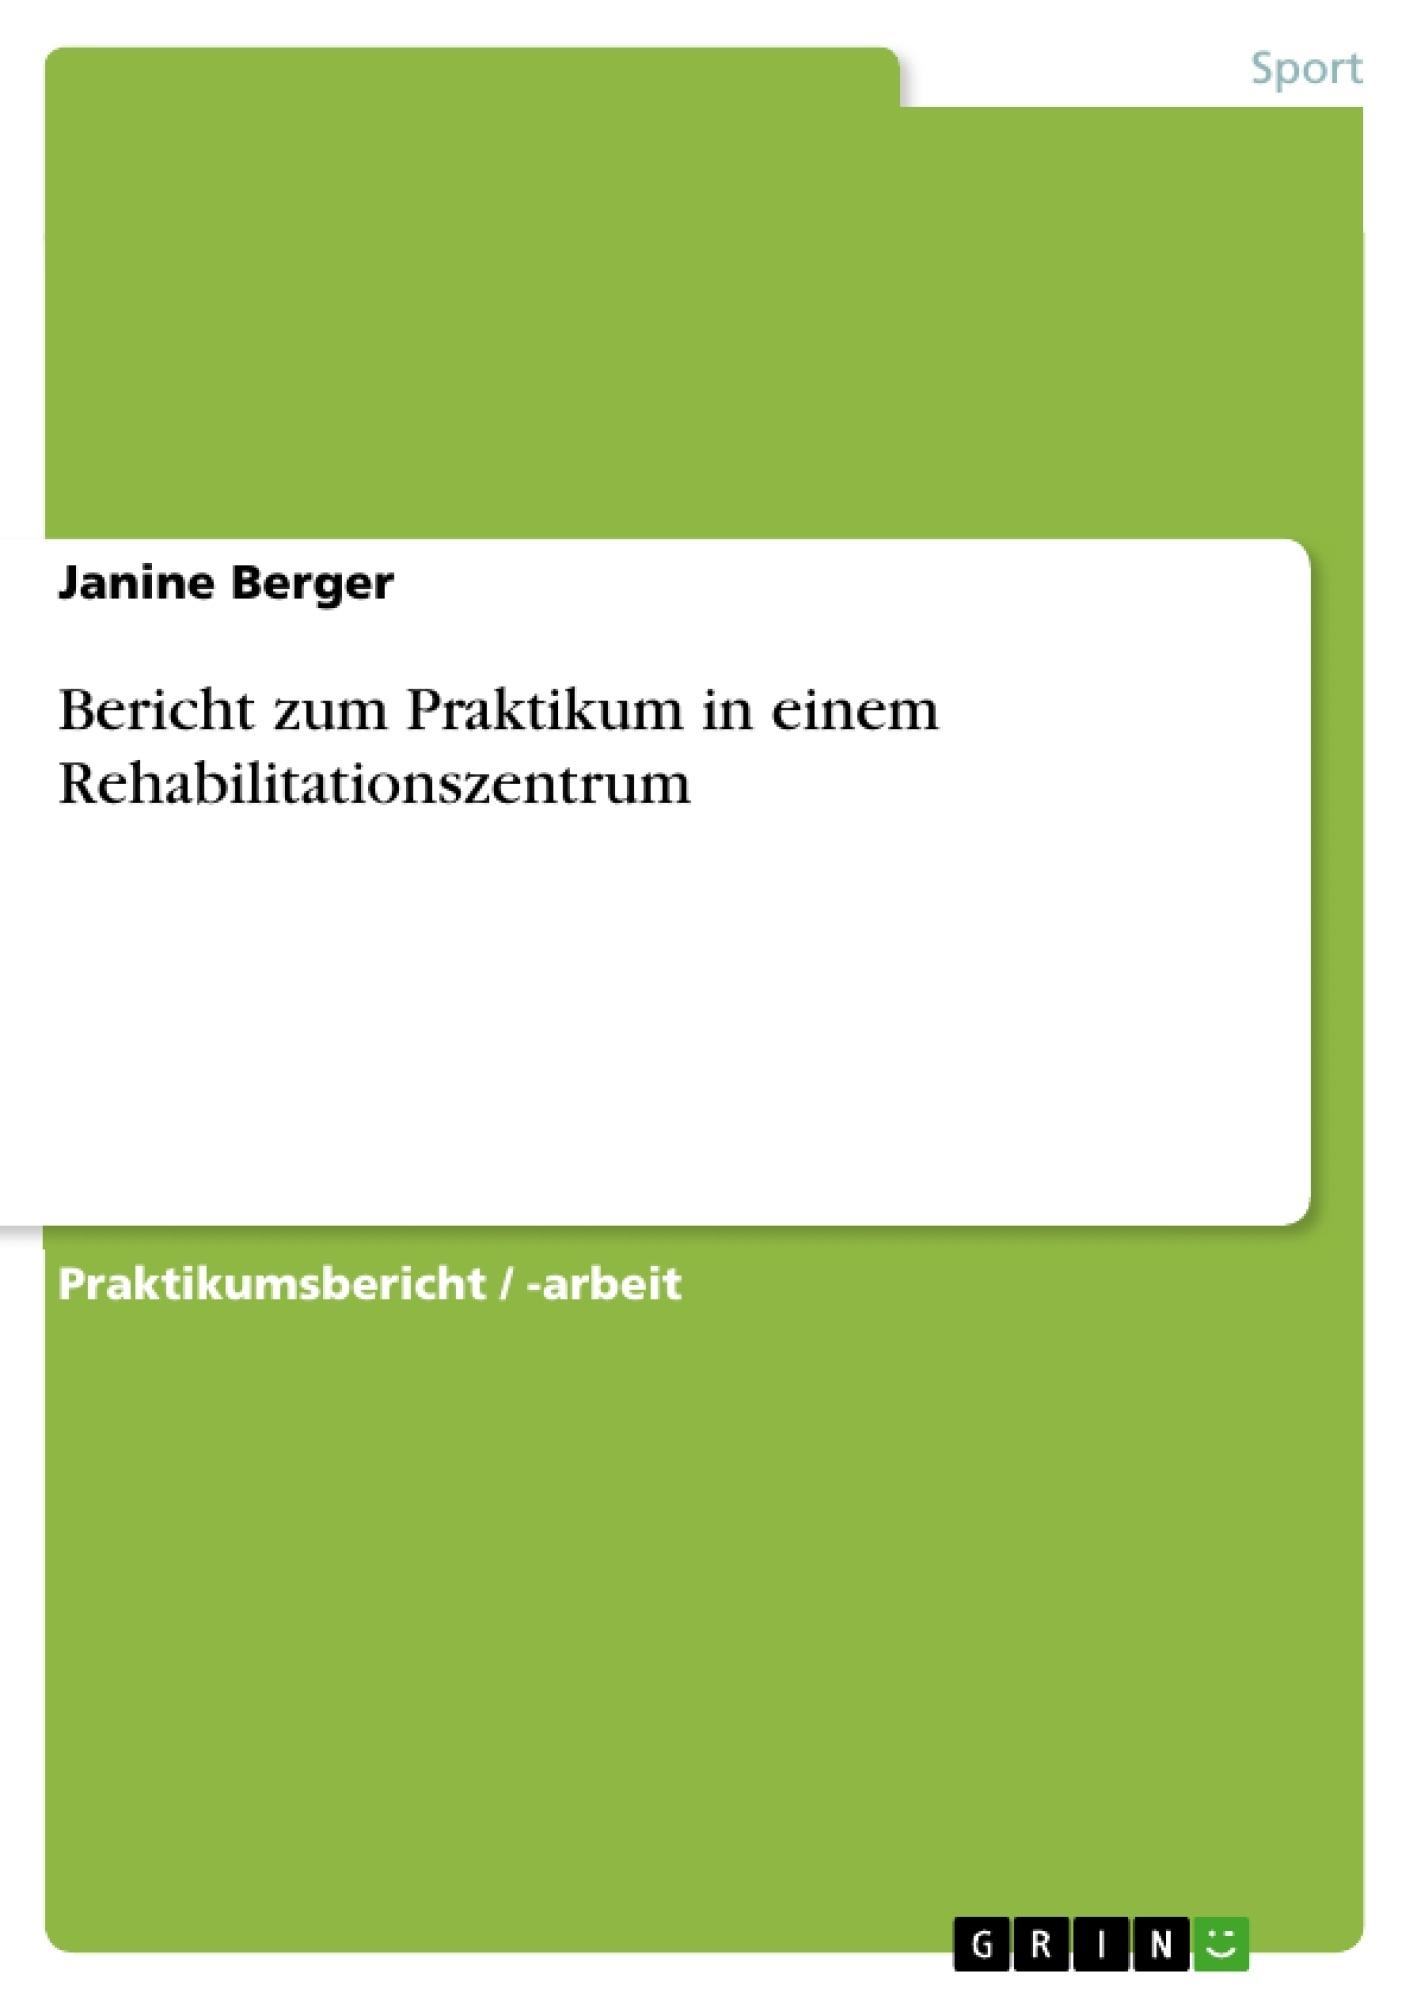 Titel: Bericht zum Praktikum in einem Rehabilitationszentrum